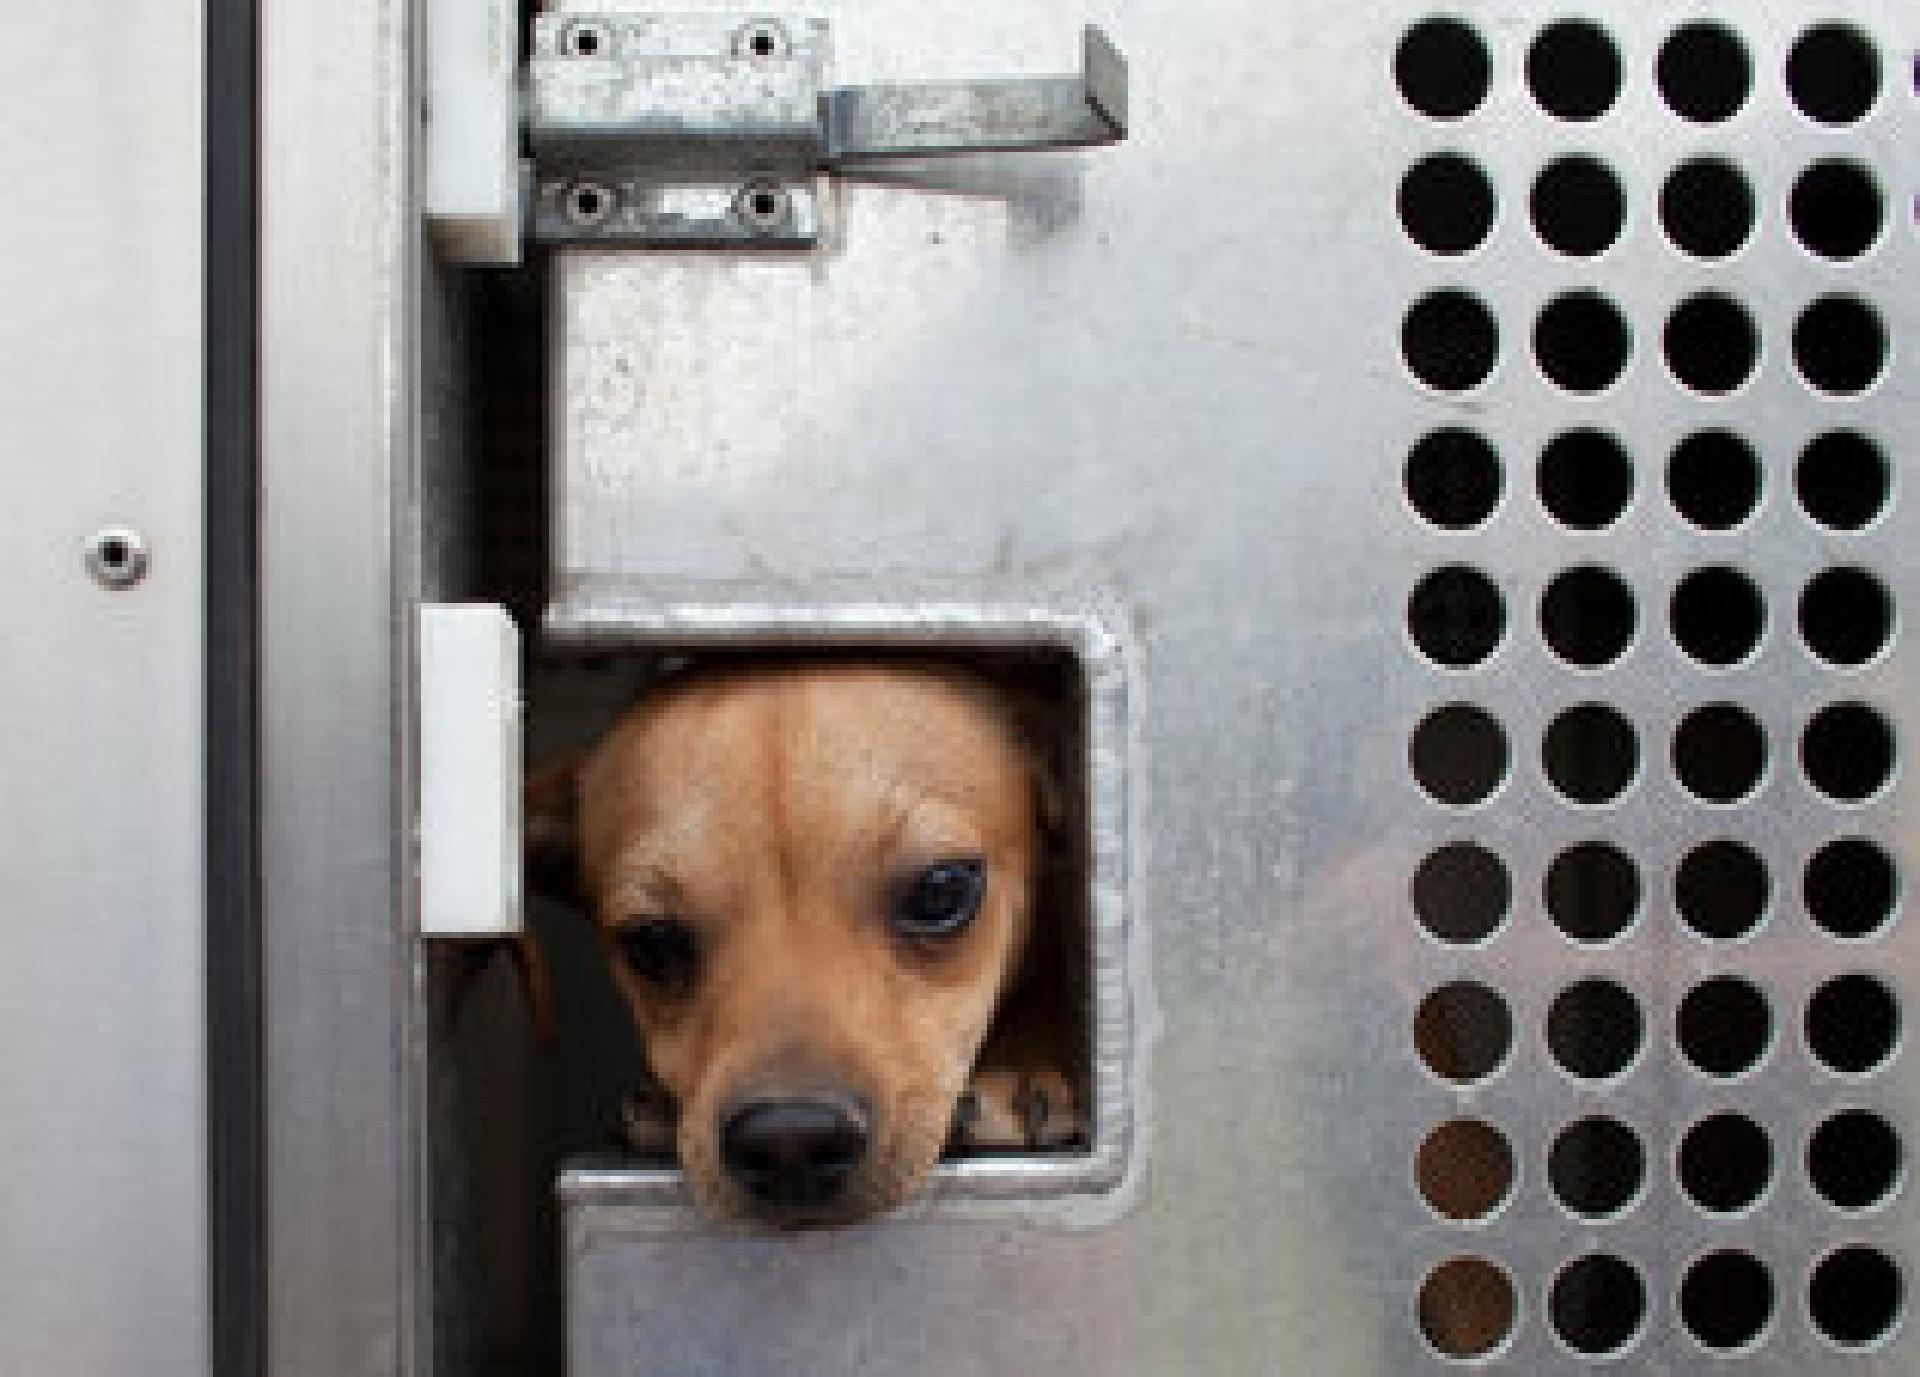 Auf dem Weg ins Tierheim - und irgendwann hoffentlich in ein besseres Leben